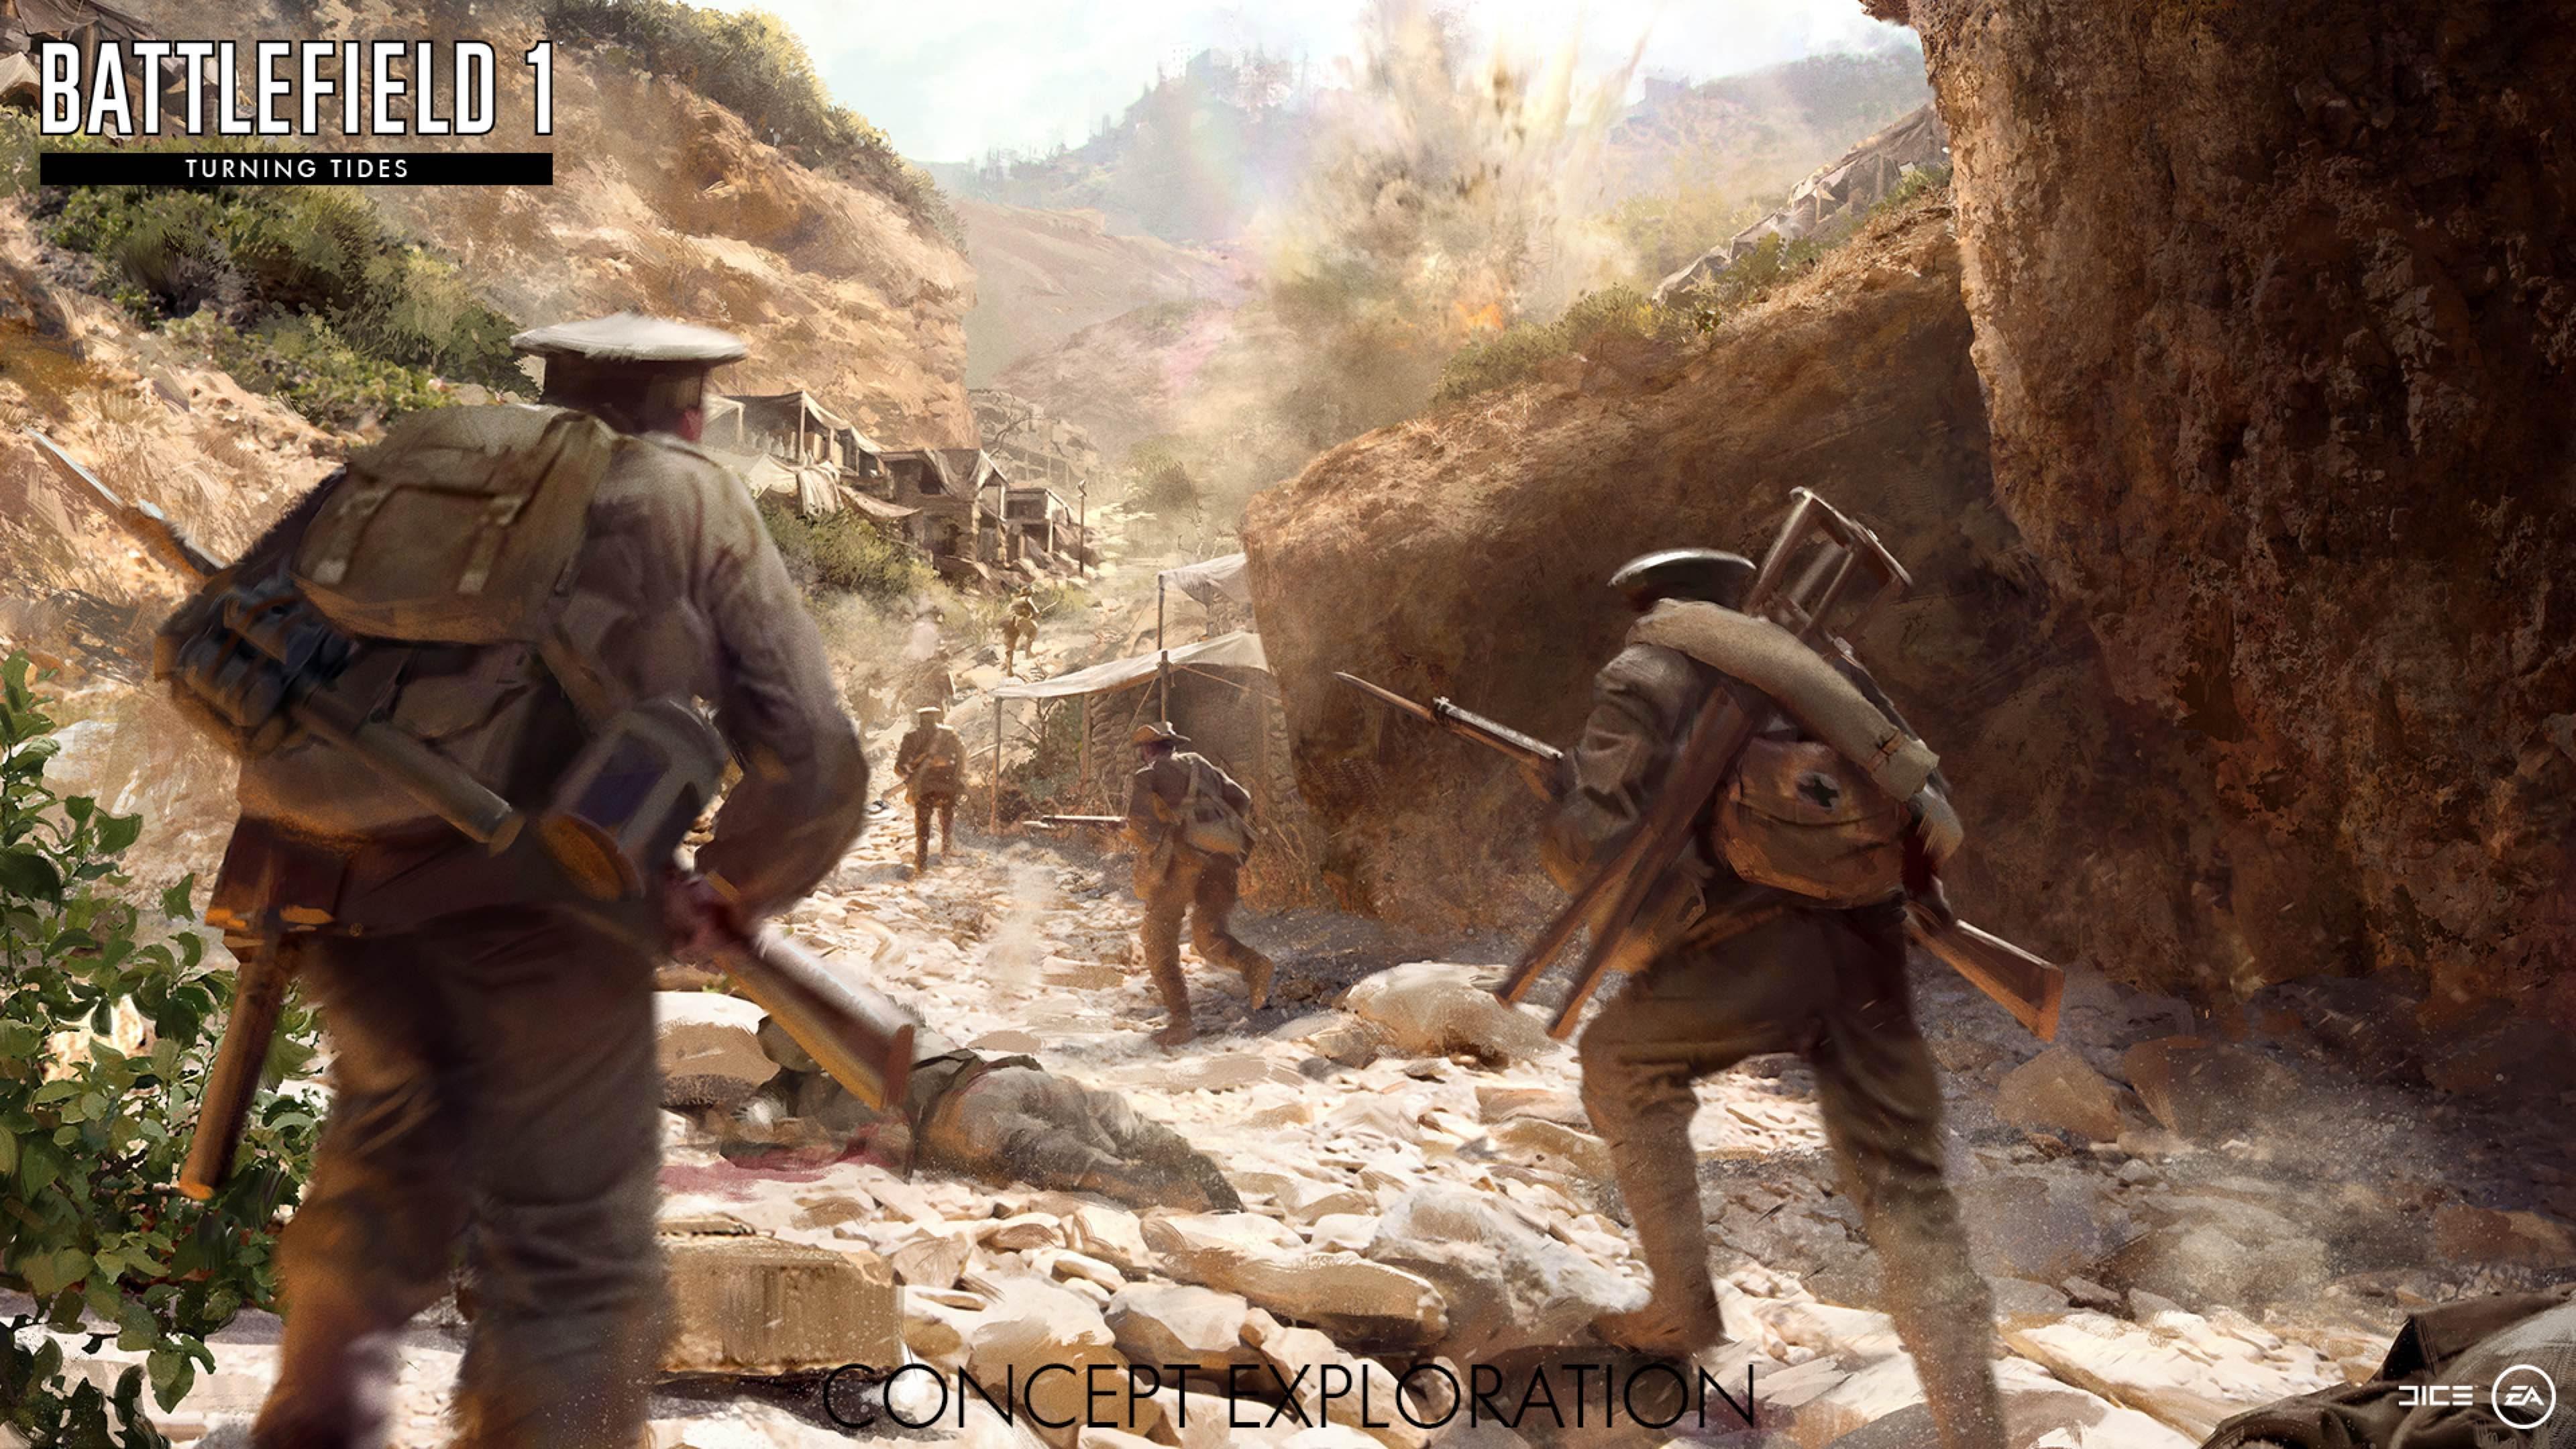 Nové koncepty přibližují první světovou válku v podání expanze Battlefield 1: Turning Tides 151679